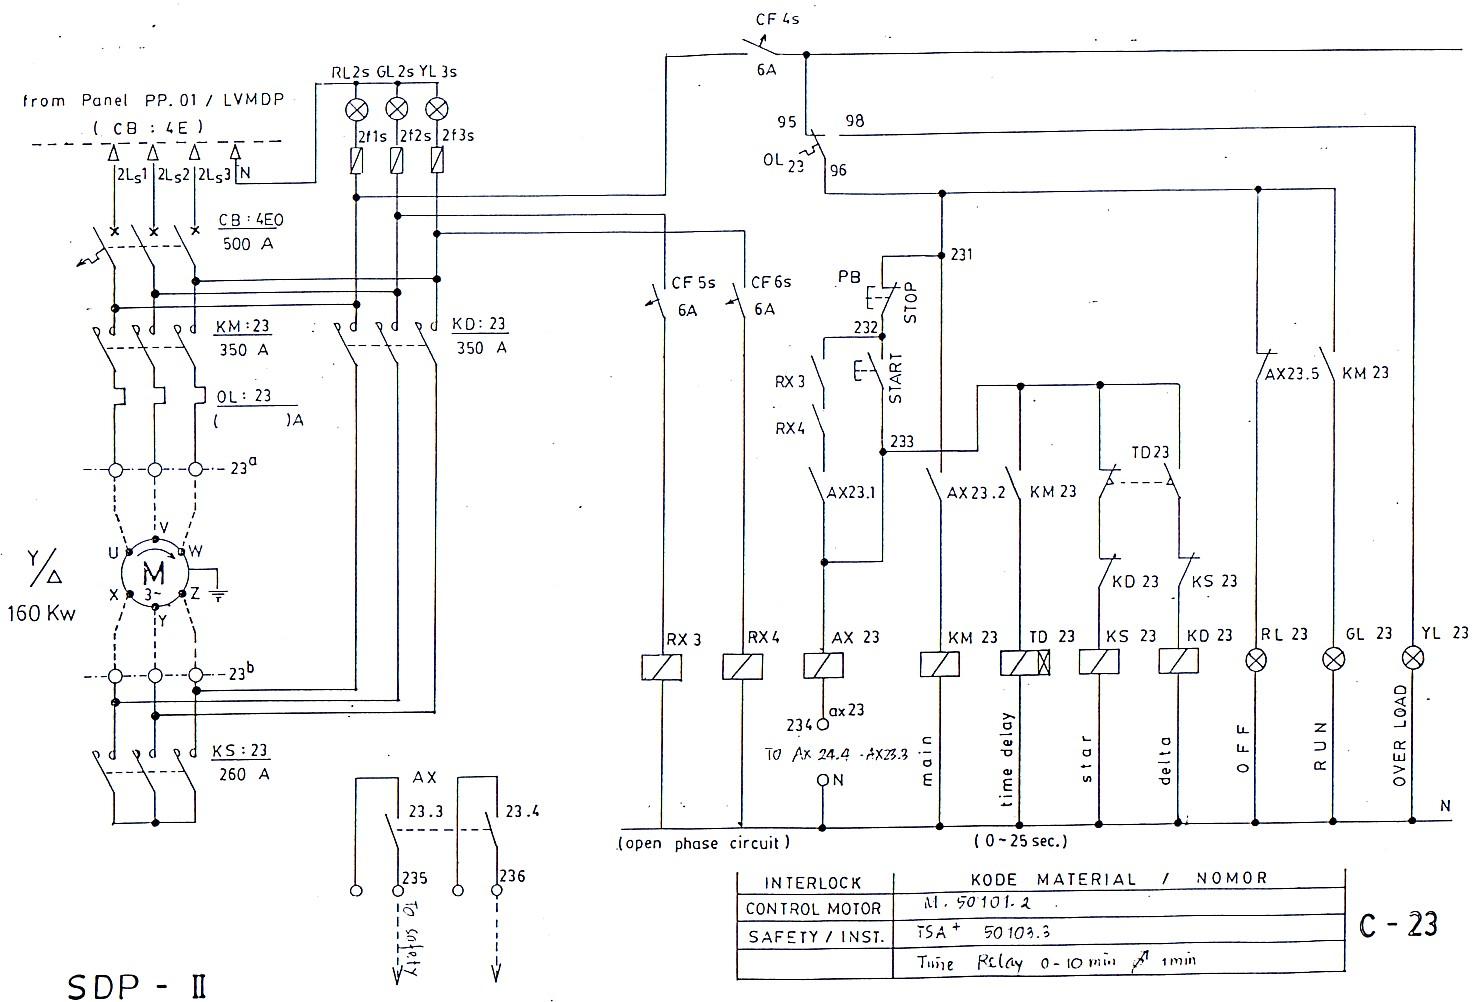 Diagram Kelistrikan Kijang 5k Pdf Html